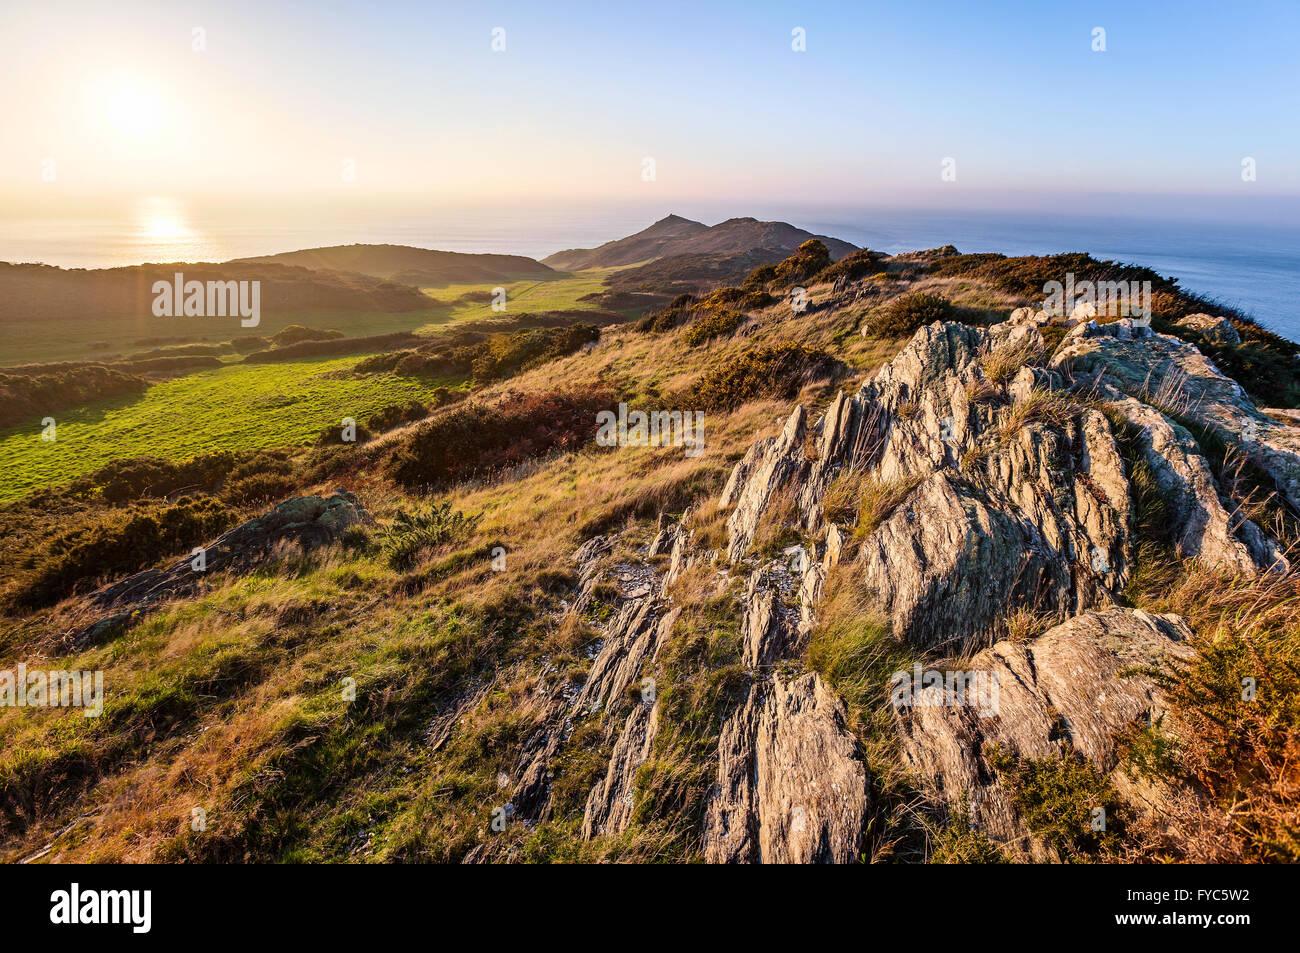 Soleil sur les falaises rocheuses au Point Mort dans le Nord du Devon, Angleterre, Royaume-Uni. Image HDR créé Photo Stock